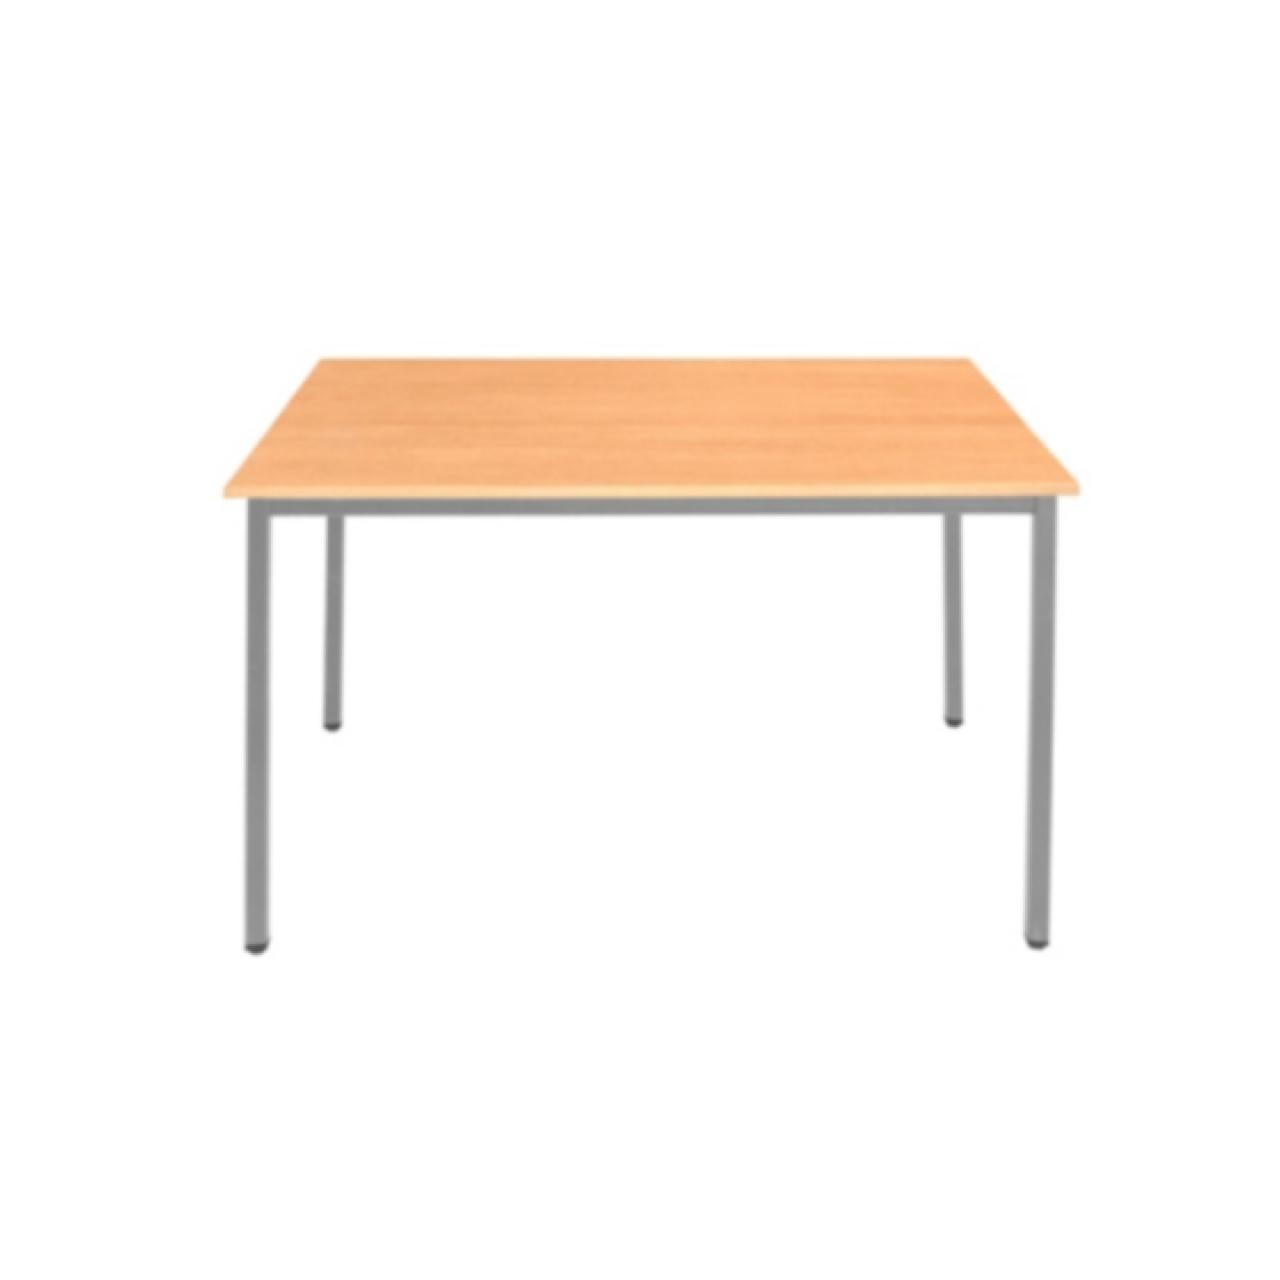 Konferenztisch Box 120x80 cm